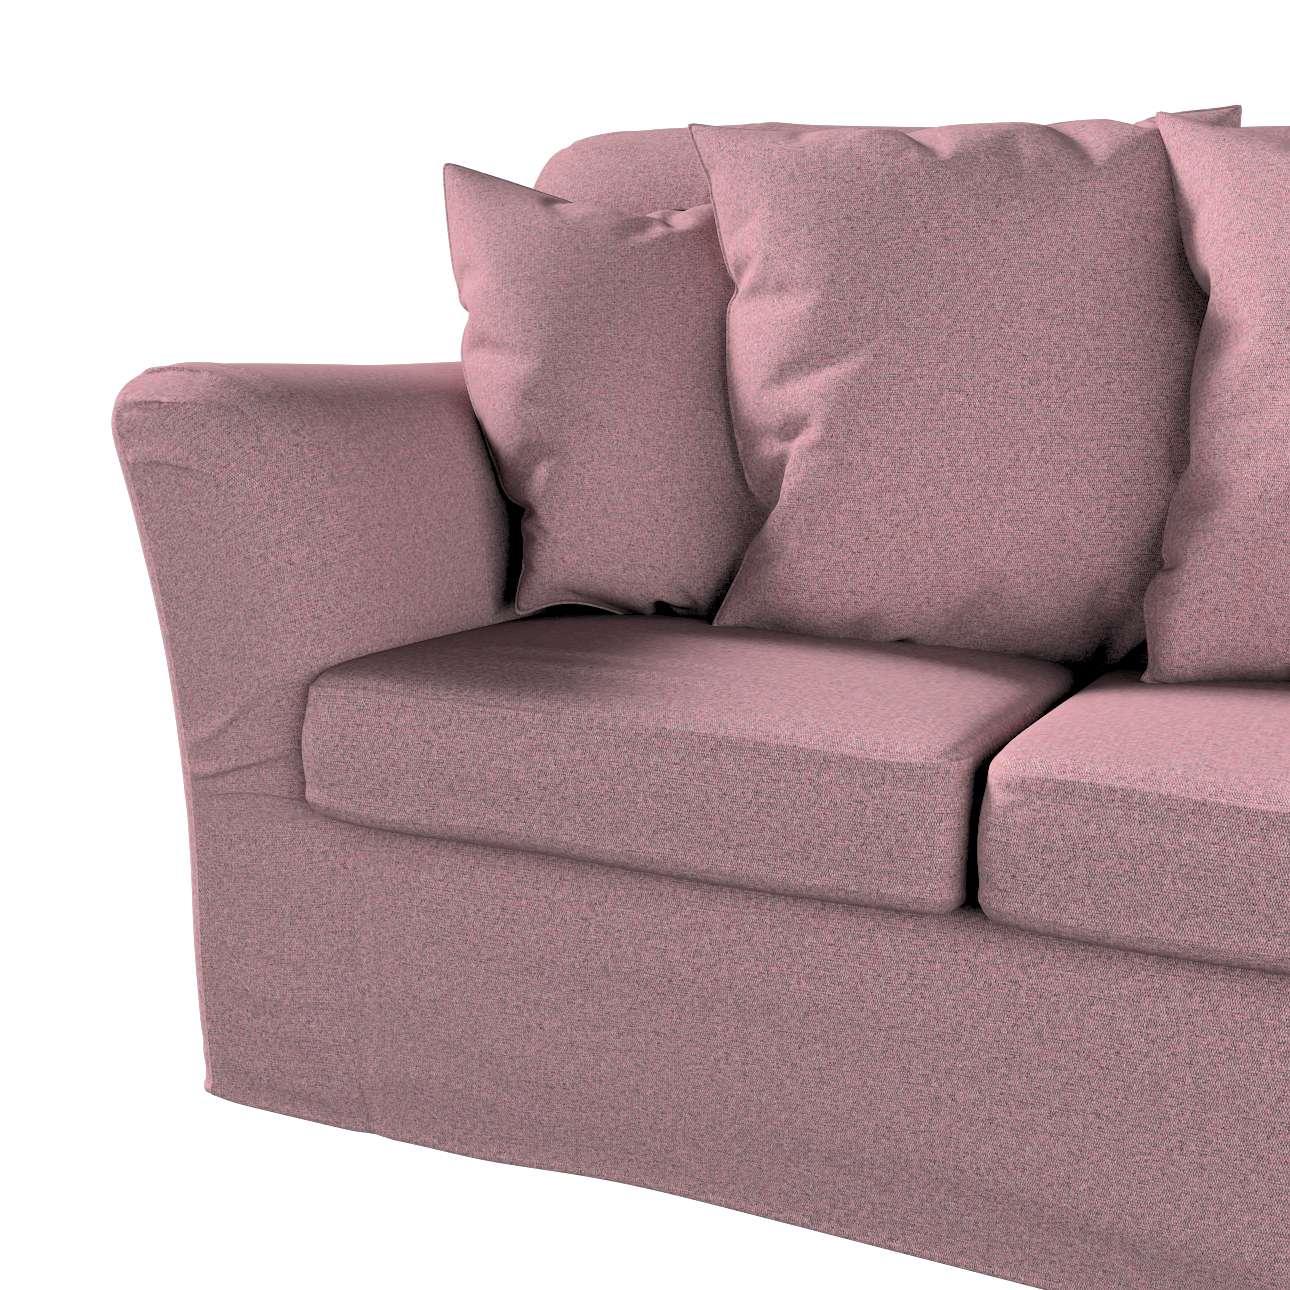 Poťah na sedačku Tomelilla (pre 3 osoby) V kolekcii Amsterdam, tkanina: 704-48